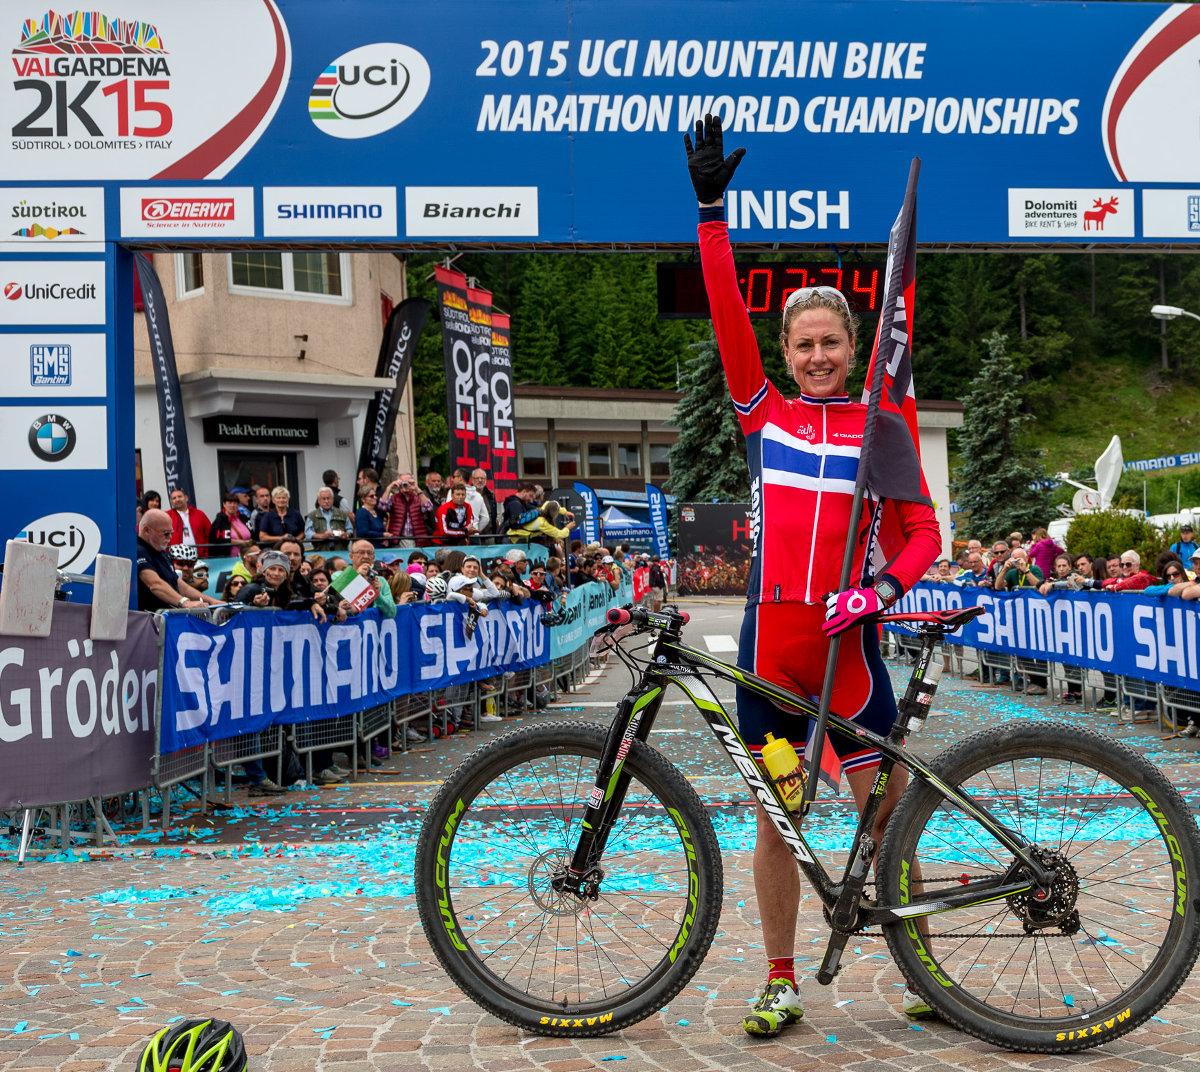 Az olaszországi Val Gardenában Gunn-Rita Dahle-Flesjaa 10. mountain bike világbajnoki címét is megszerezte, amely a 6. szivárvány színű mez a maraton szakágban, ezzel a Multivan Merida Biking Team versenyzőnője tovább bővítette eddig is lenyűgöző dicsőséglistáját!